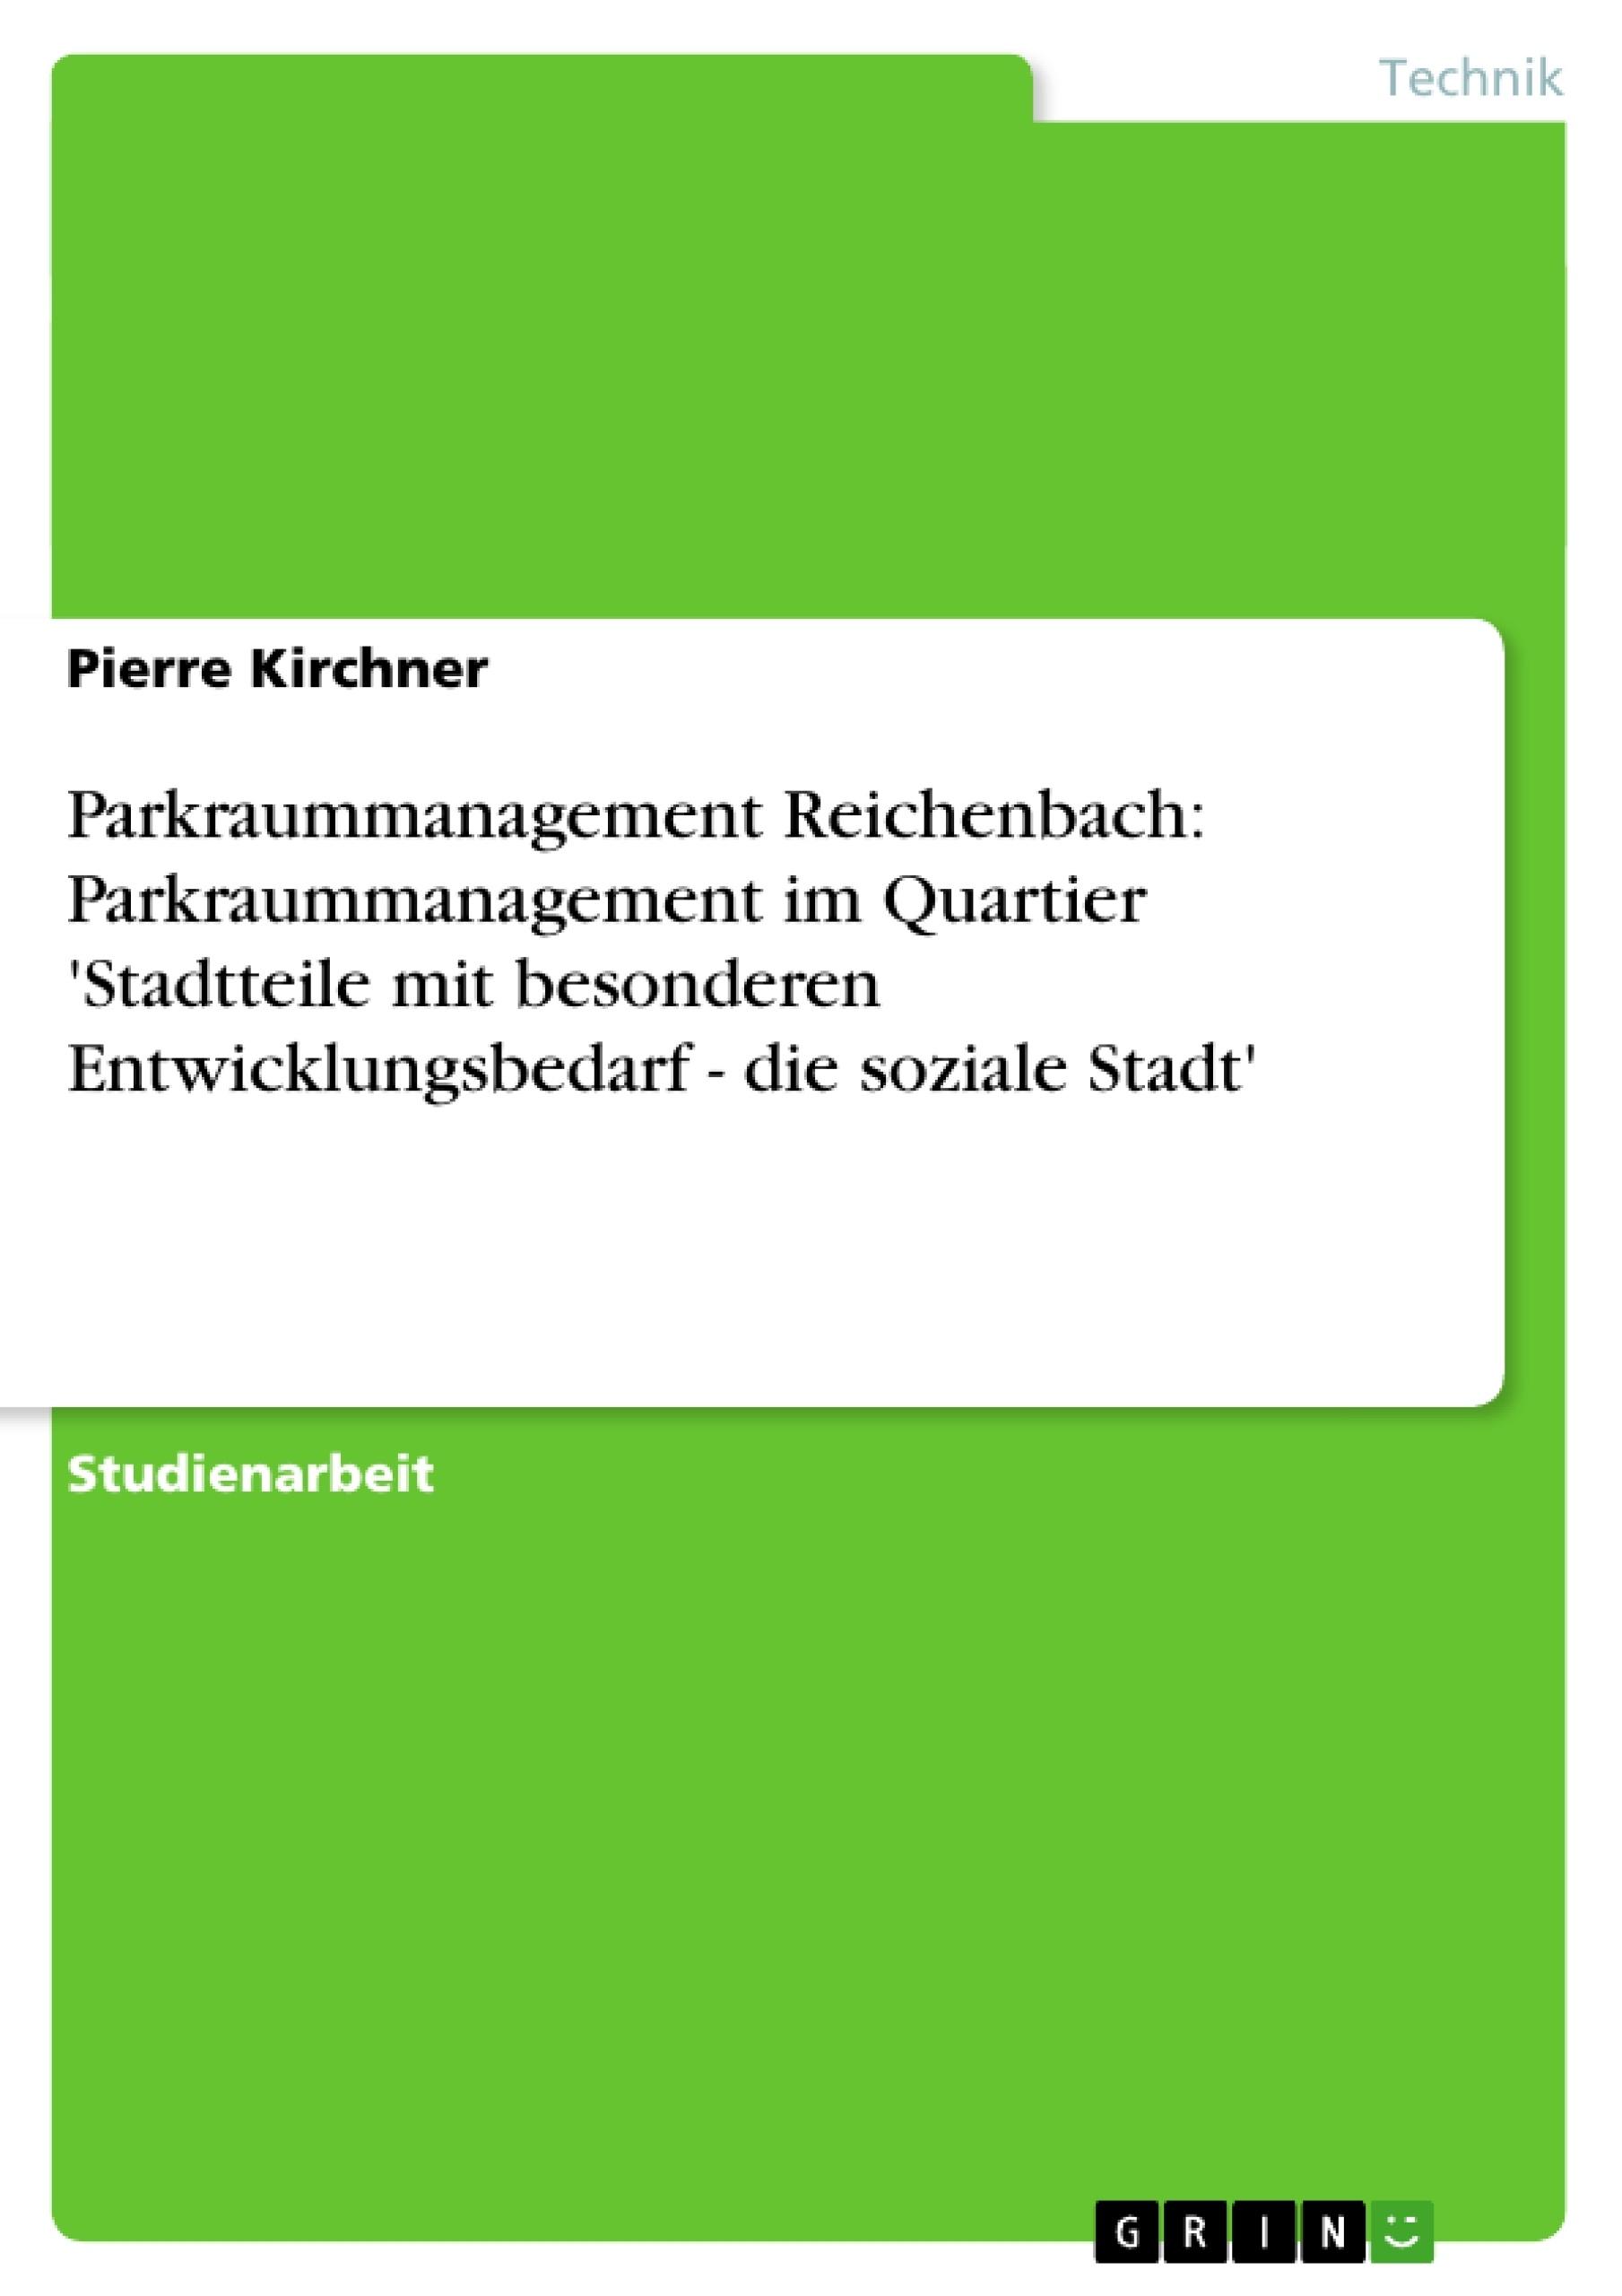 Titel: Parkraummanagement Reichenbach: Parkraummanagement im Quartier 'Stadtteile mit besonderen Entwicklungsbedarf - die soziale Stadt'